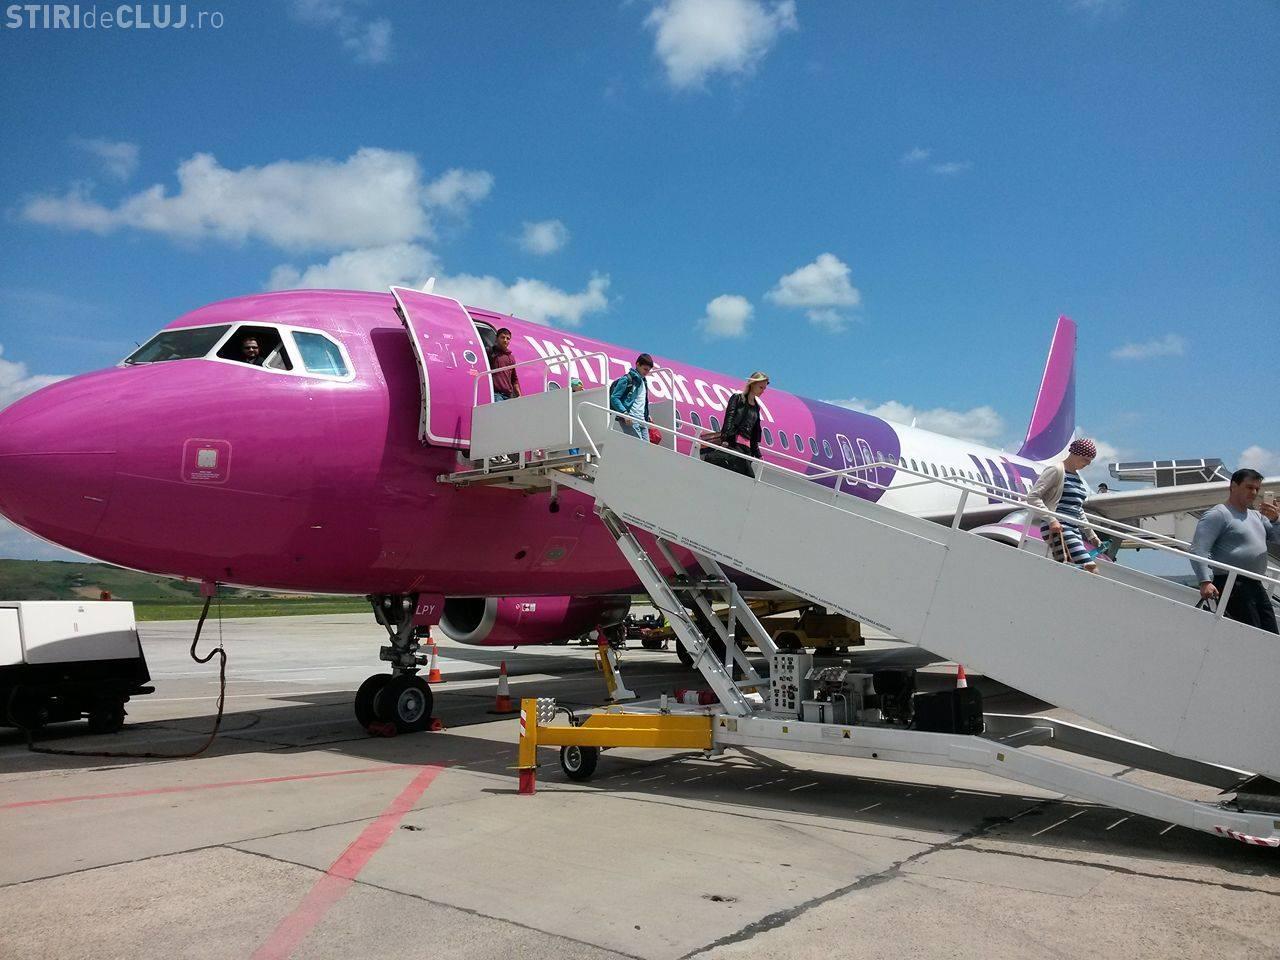 Are de gând Wizz Air să deschidă cursa Cluj-Napoca - Viena? Ce spunea CEO -ul Jozsef Varadi